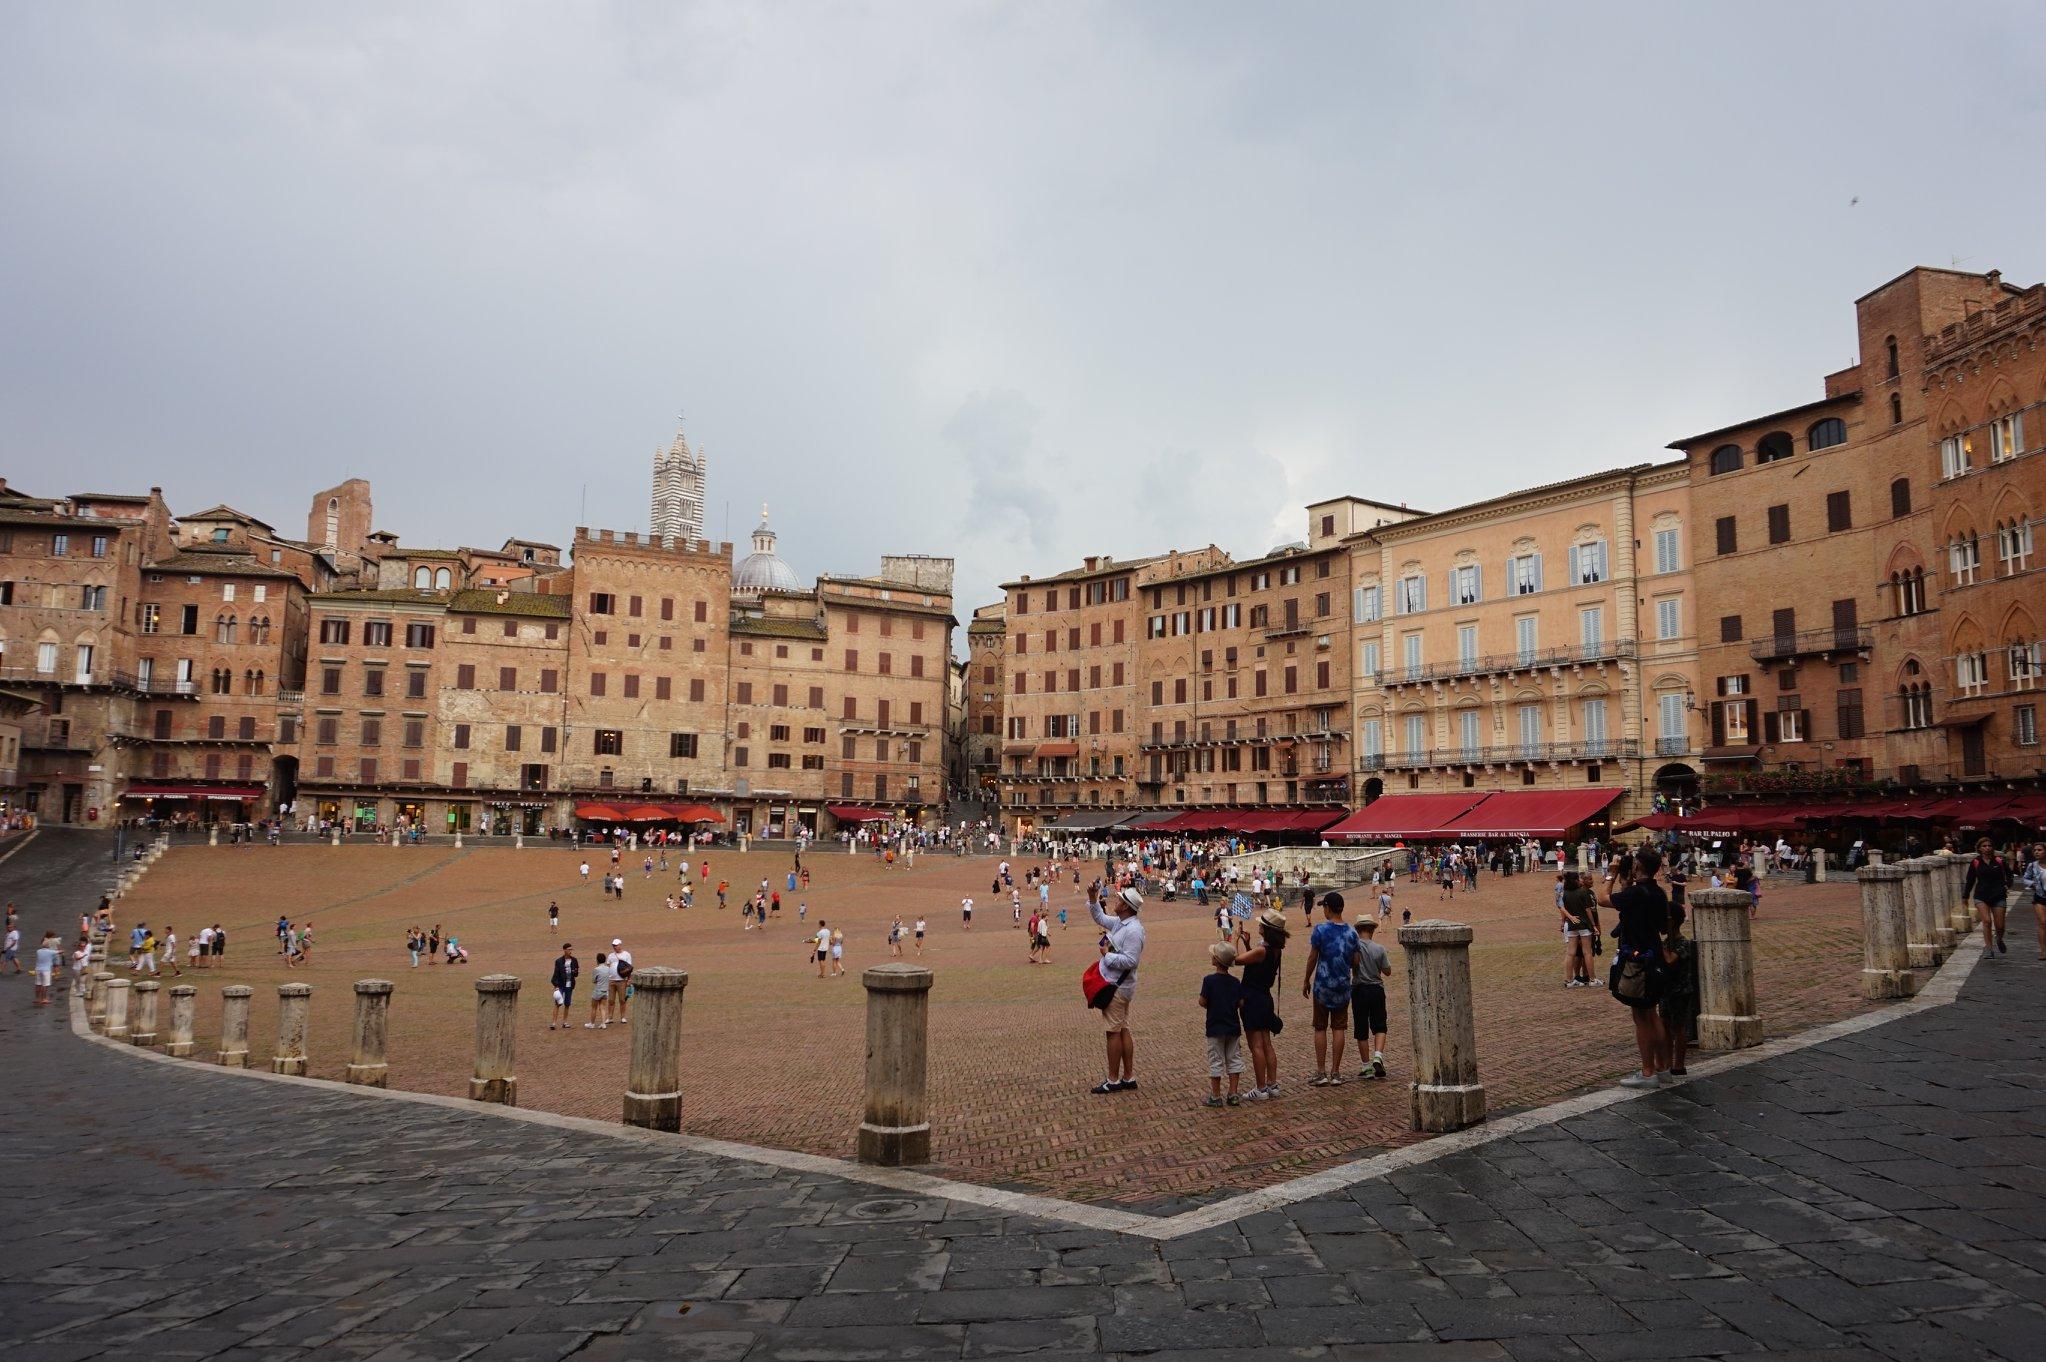 Siena's famous Piazza del Campo